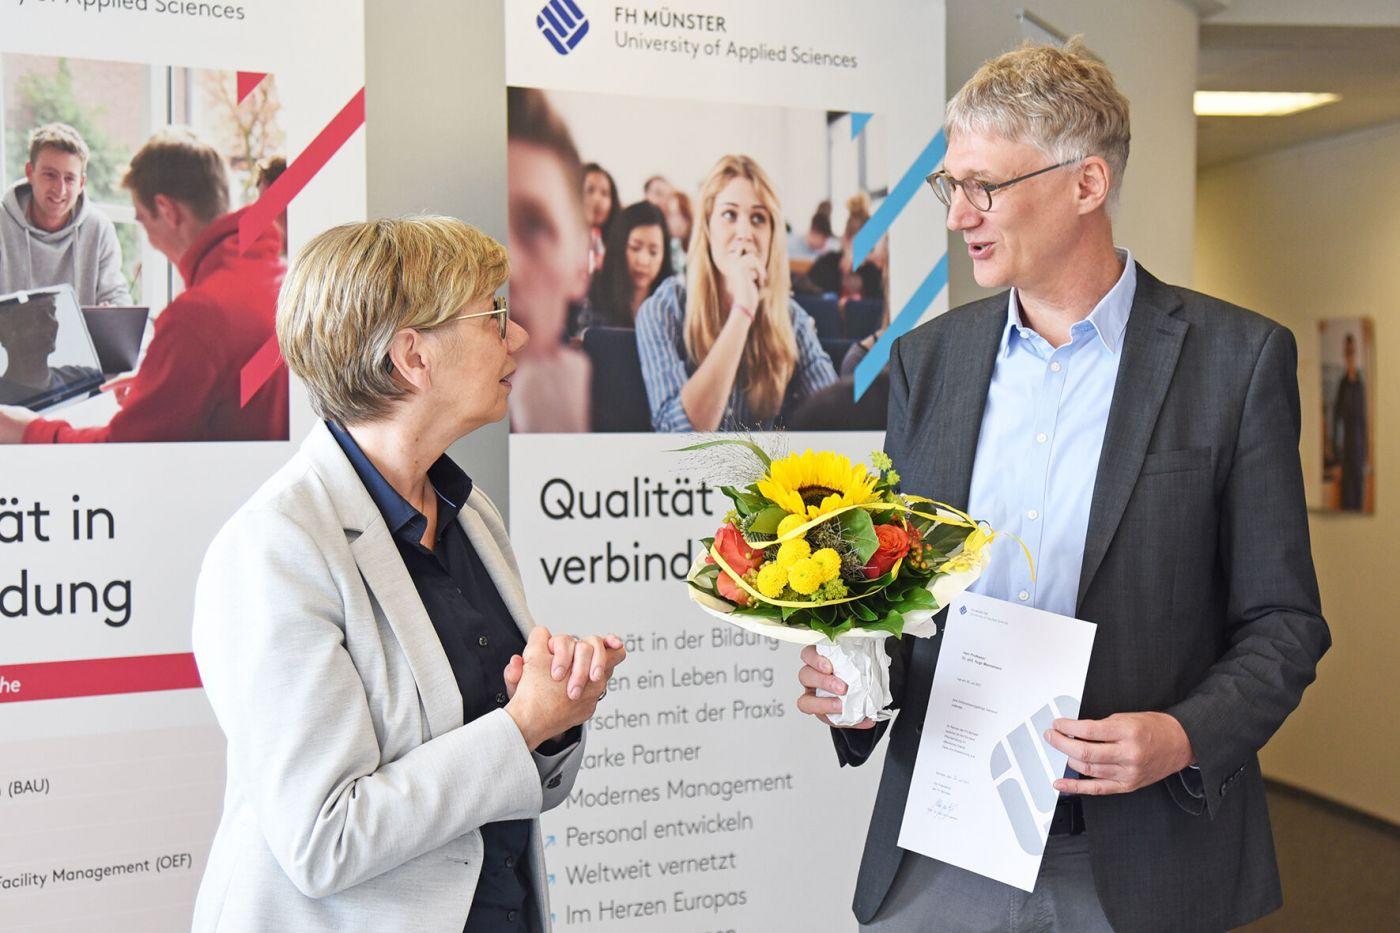 Prof. Dr. Ute von Lojewski und Prof. Dr. Hugo Mennemann mit Blumenstrauß und Jubiläumsurkunde